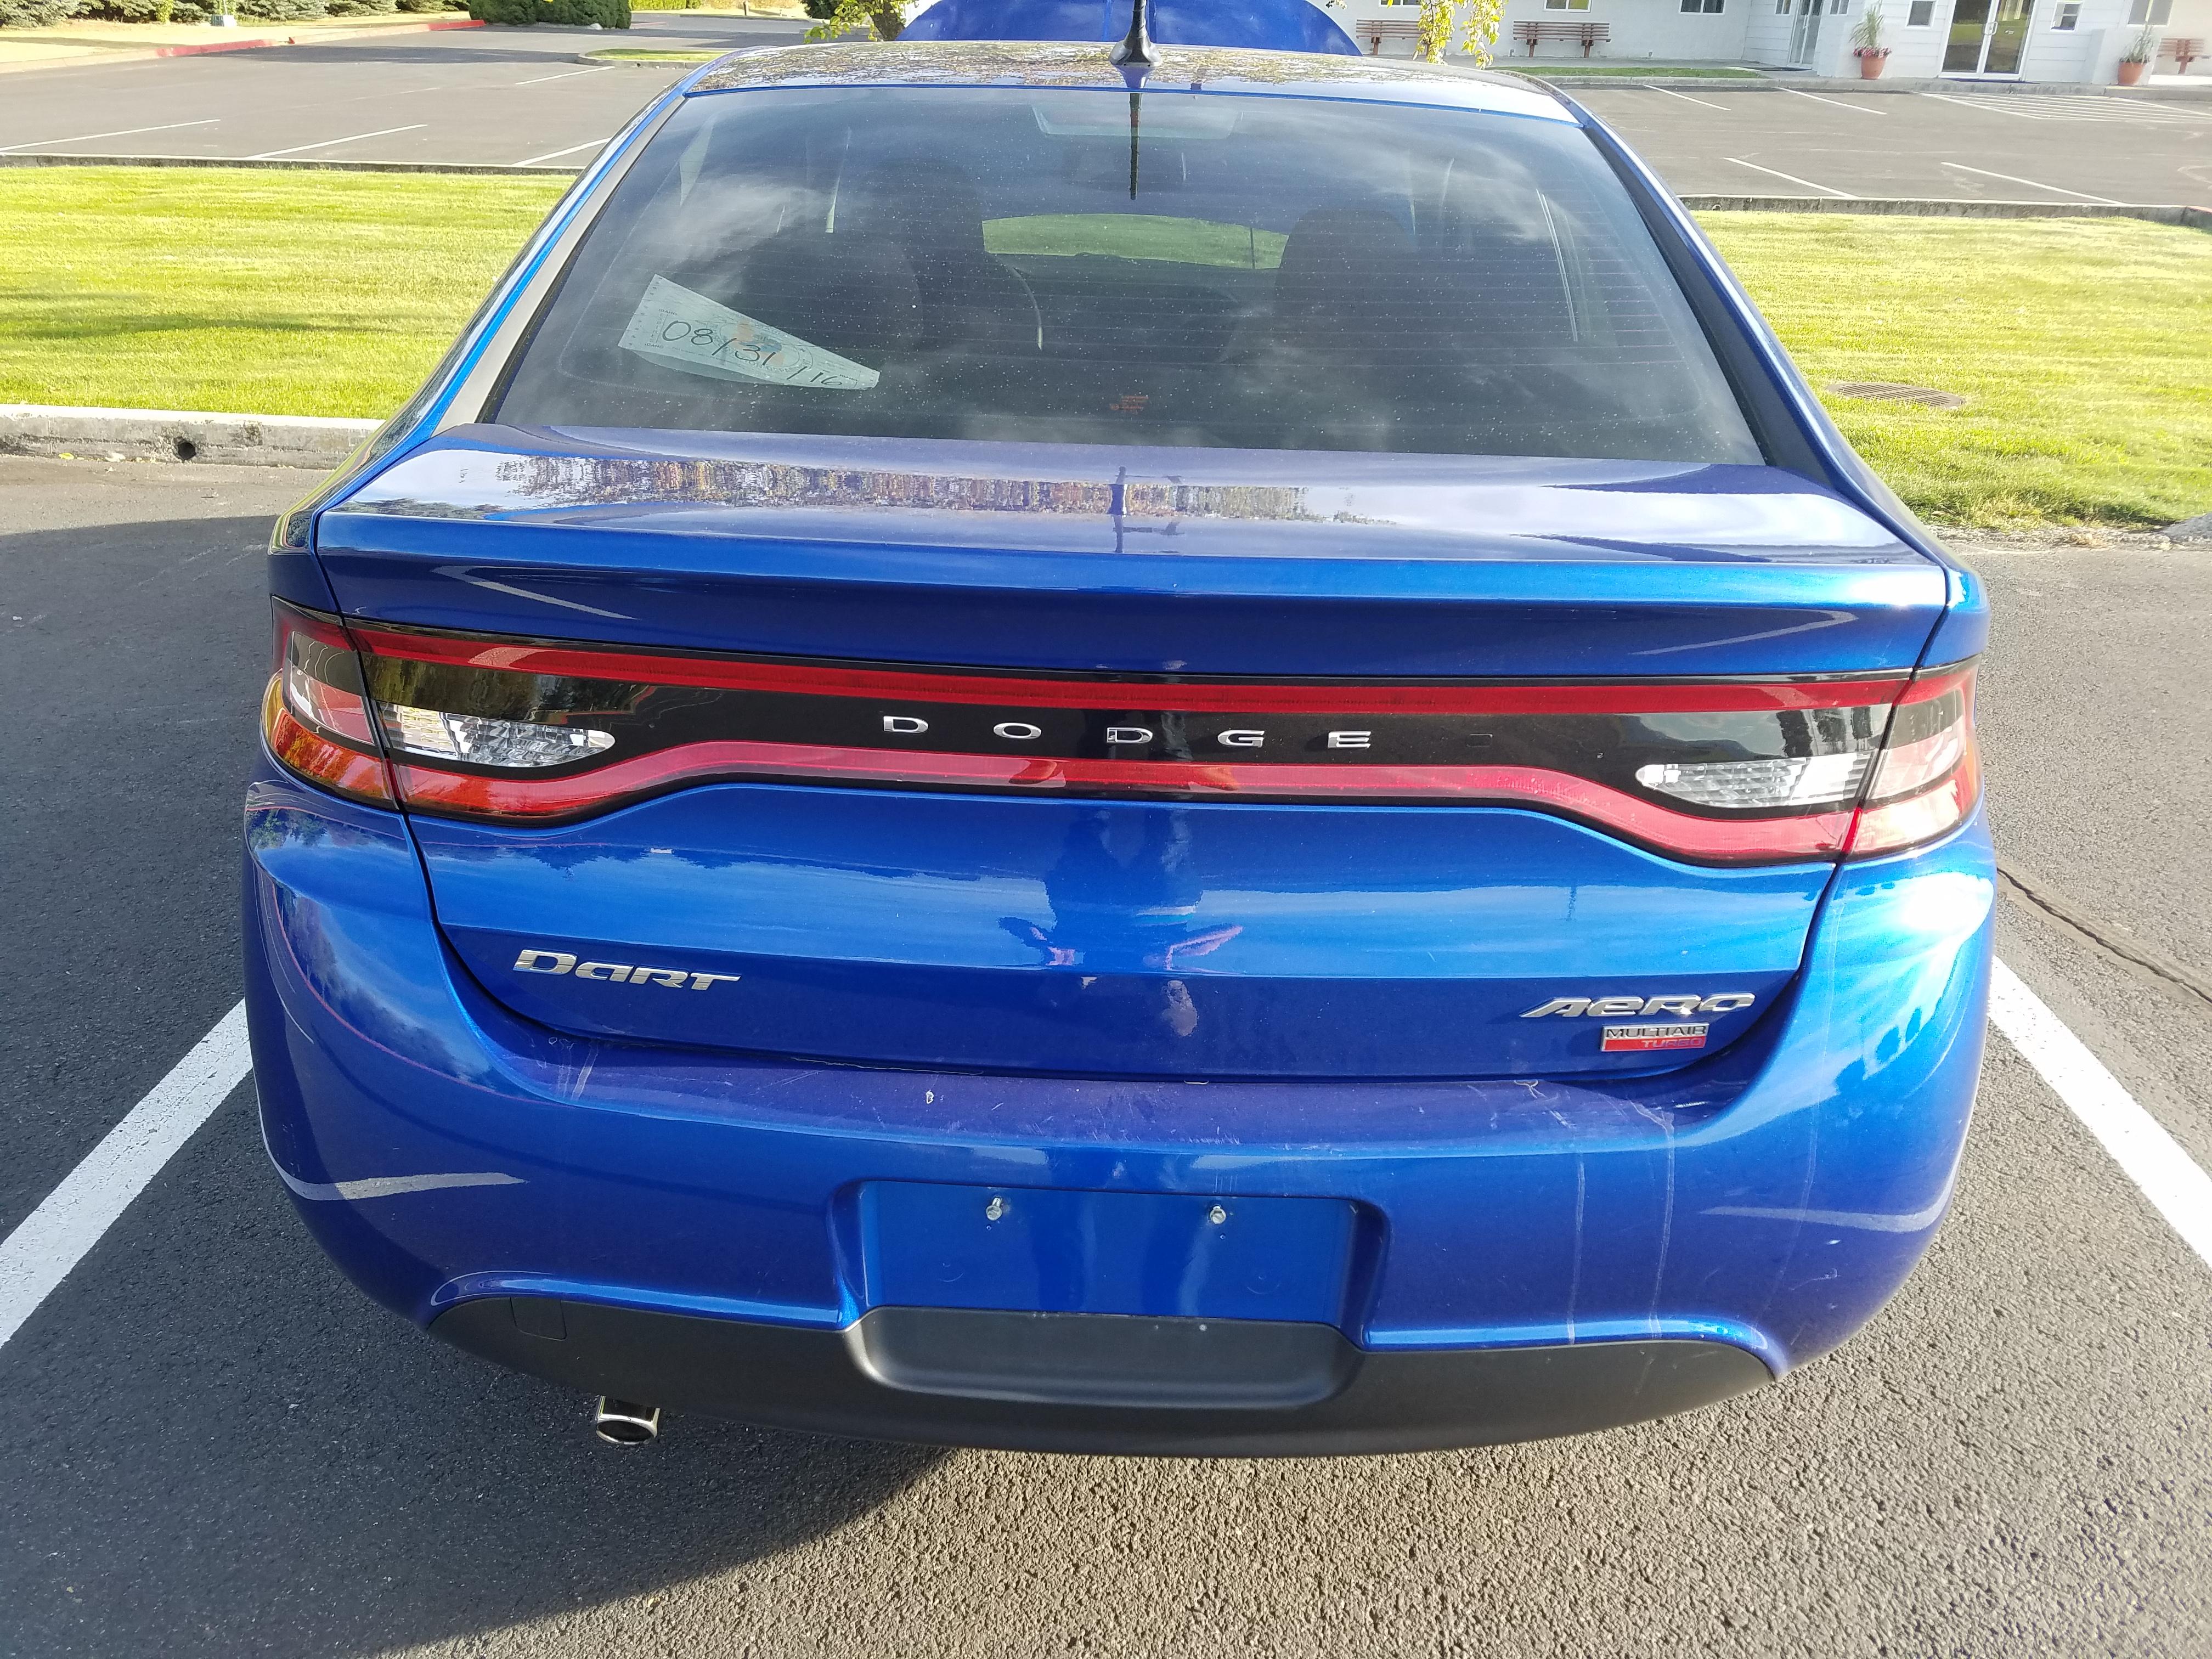 2013 Dodge Dart Aero 1 4l Multiair Turbo